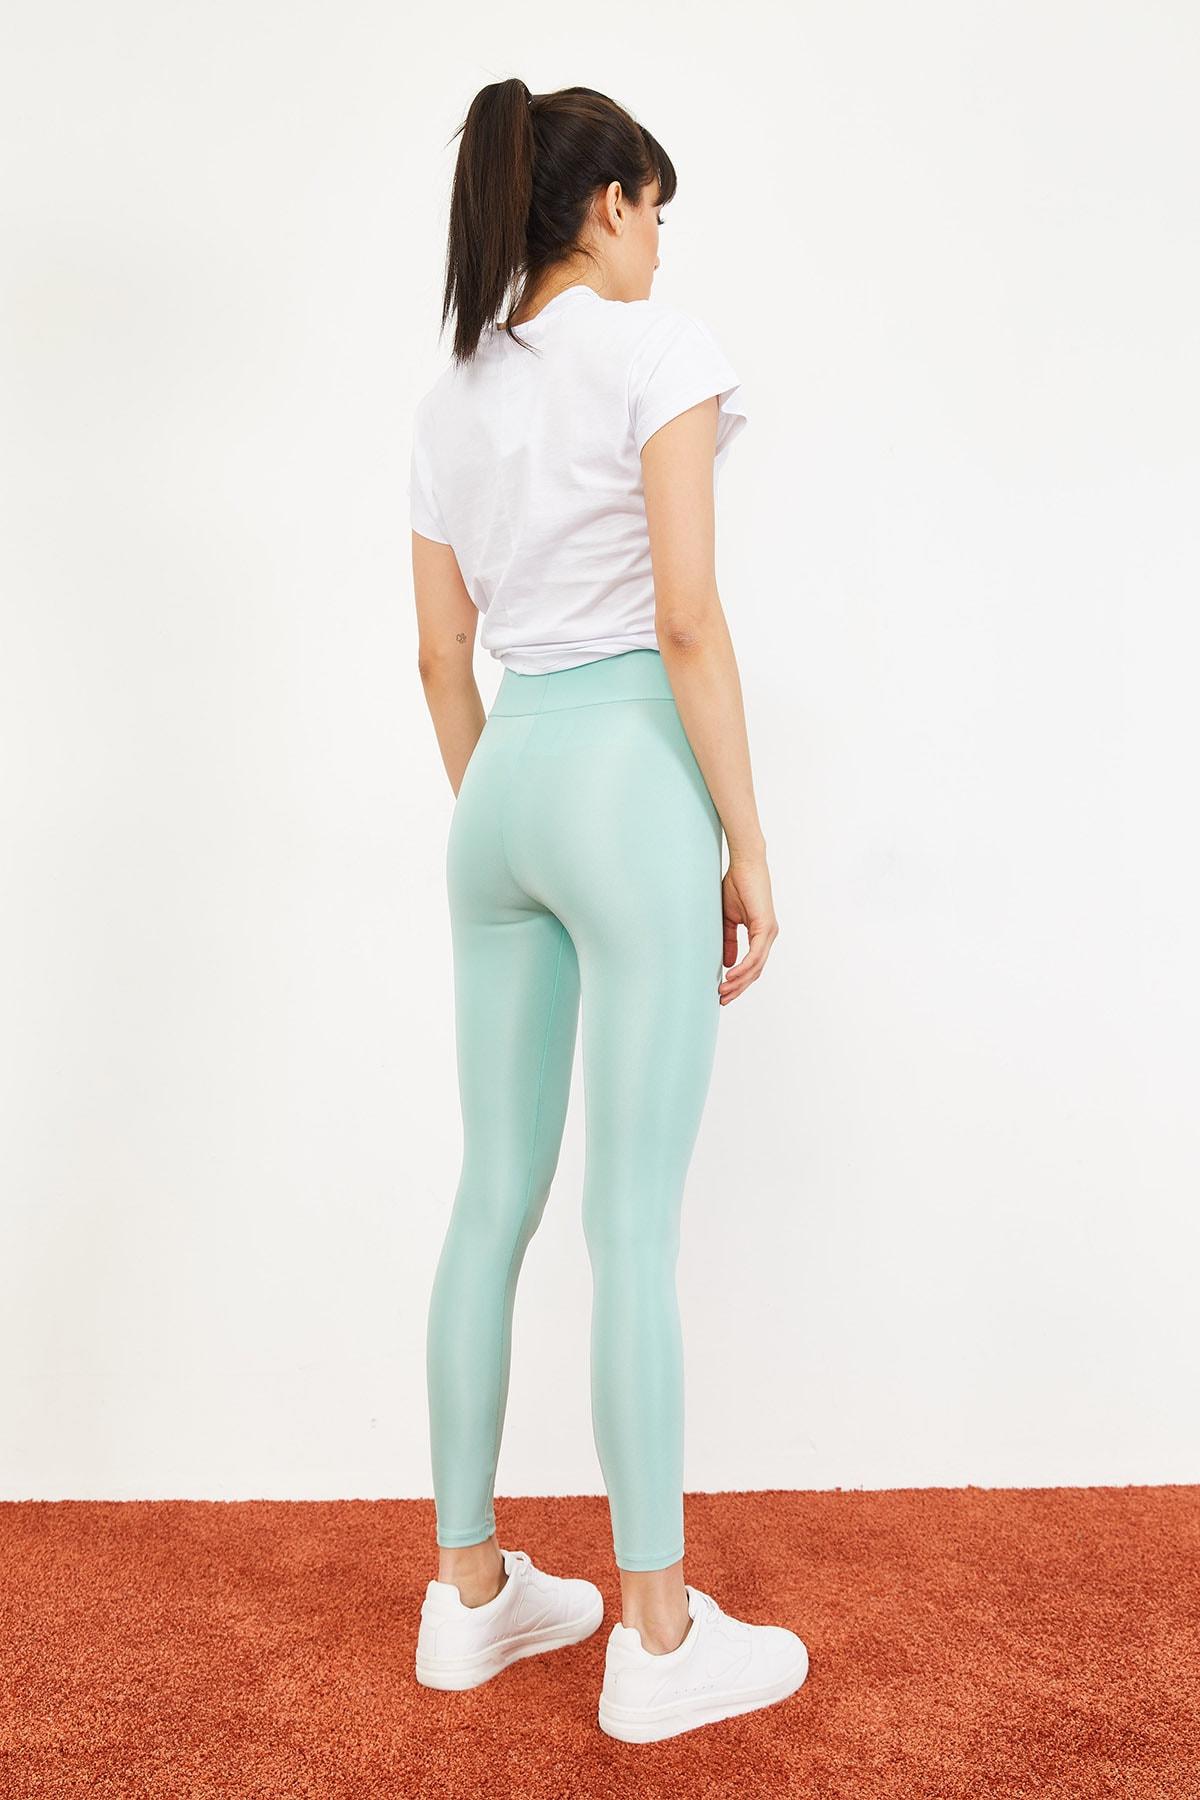 Bianco Lucci Kadın Mint Yeşili Uzun Kemerli Toparlayıcı Parlak Disko Tayt Fitness 2253399 4